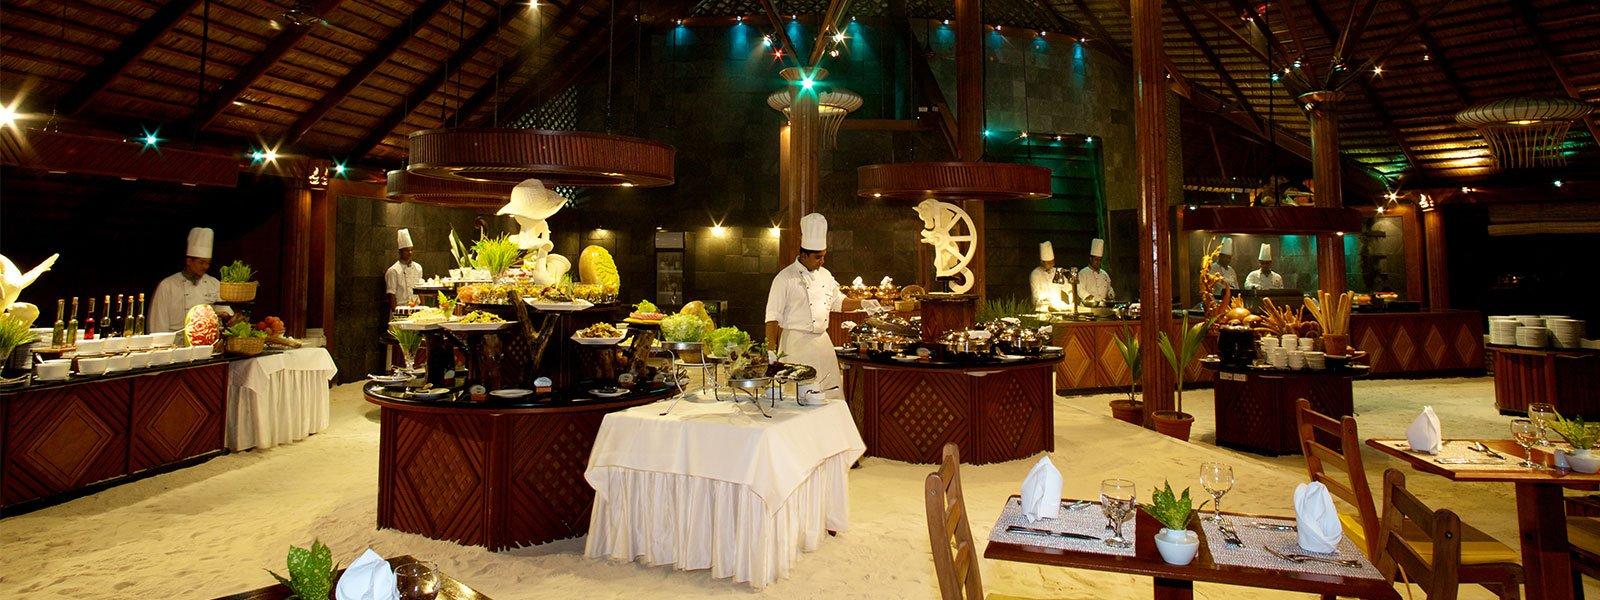 kuredu-restaurants-koamas_1600x600